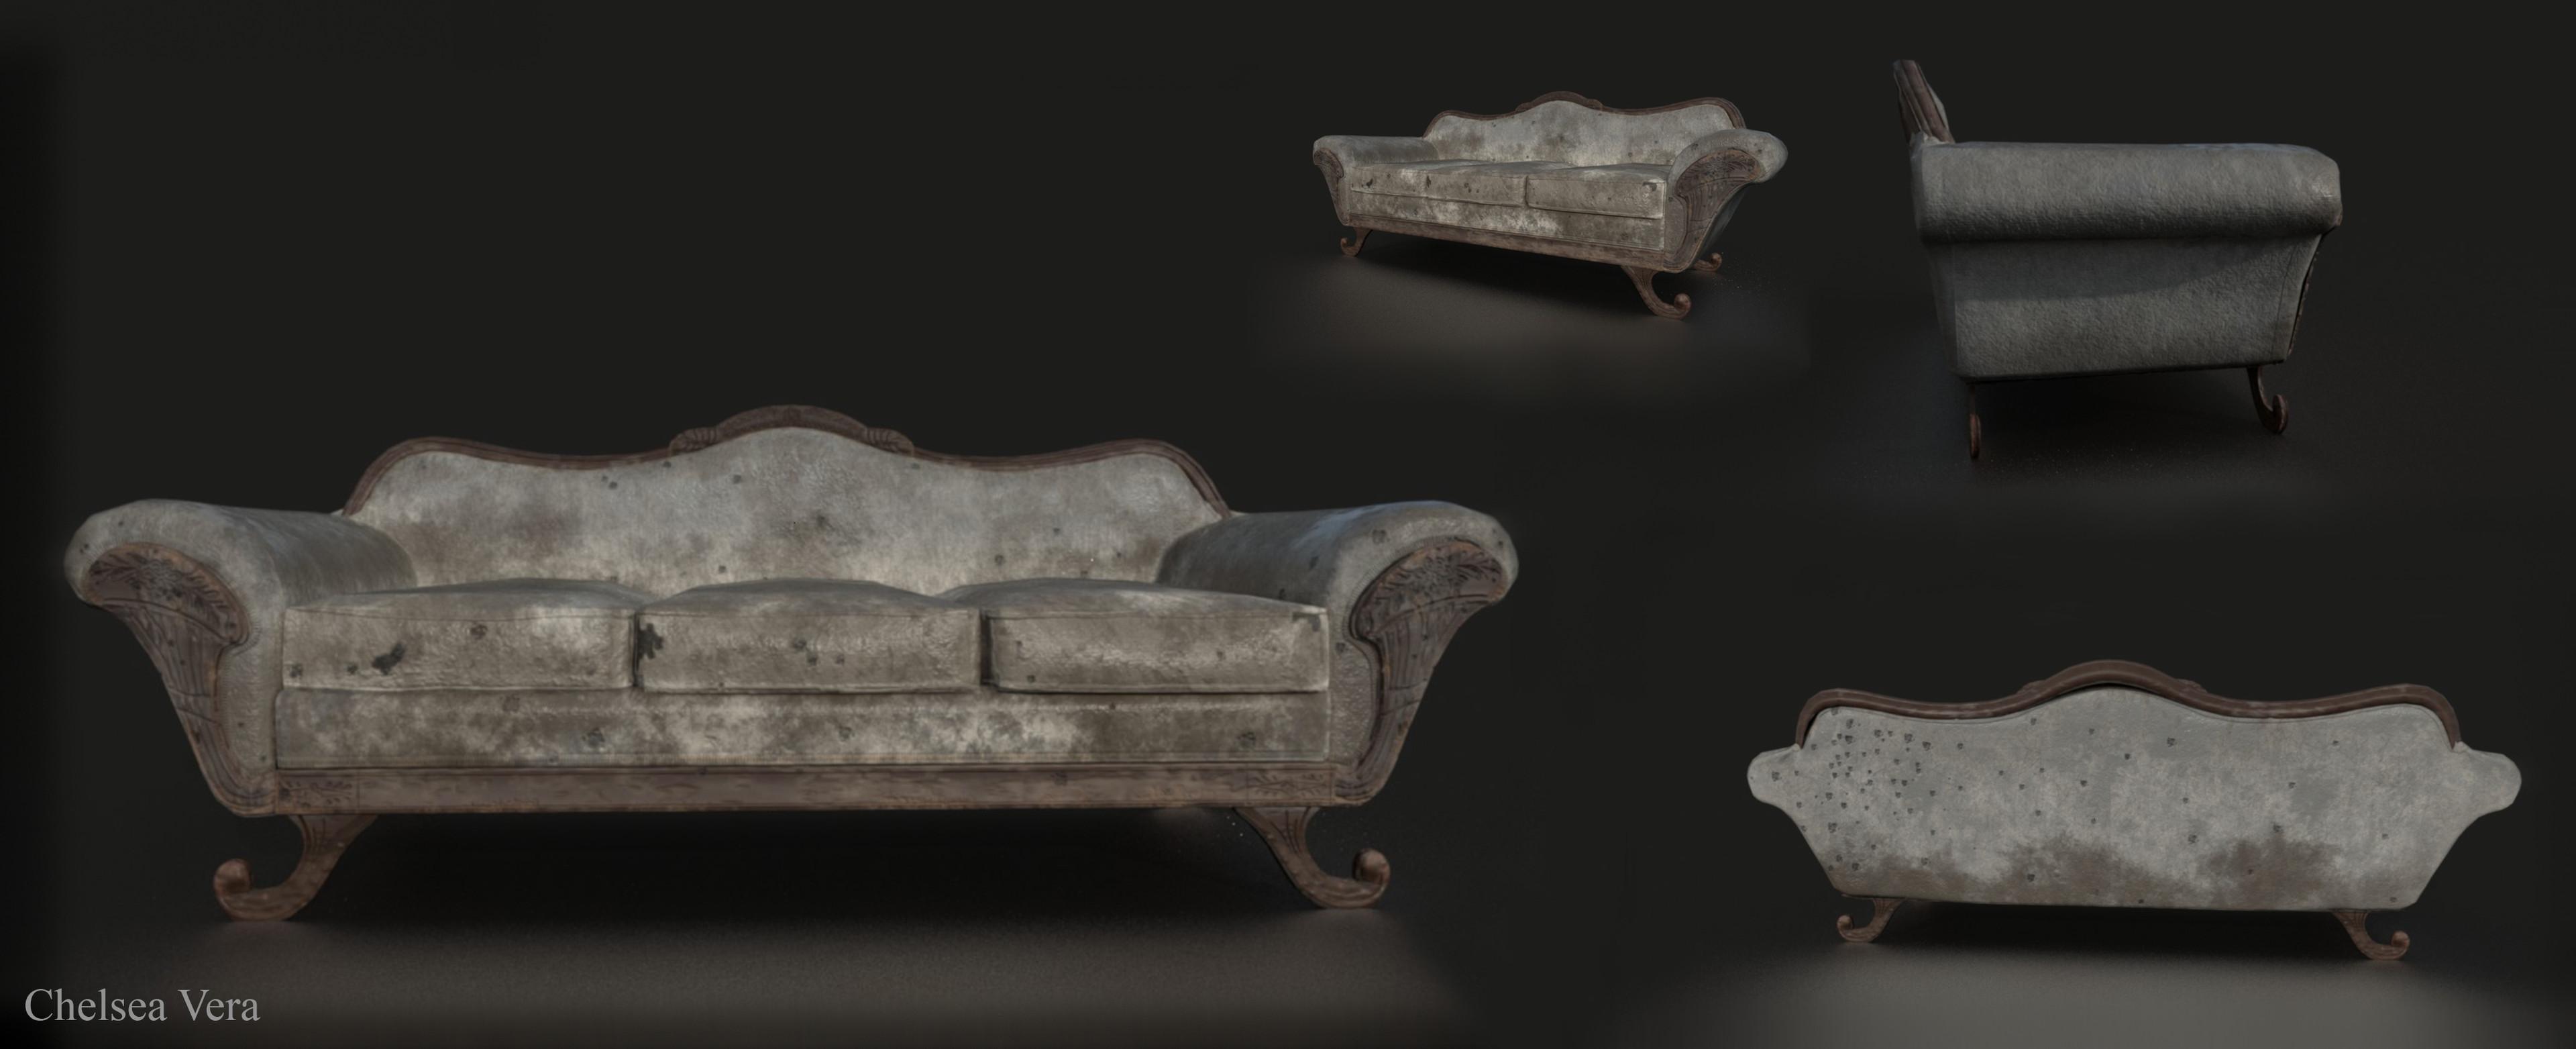 Couch wear n tear in a battlefield